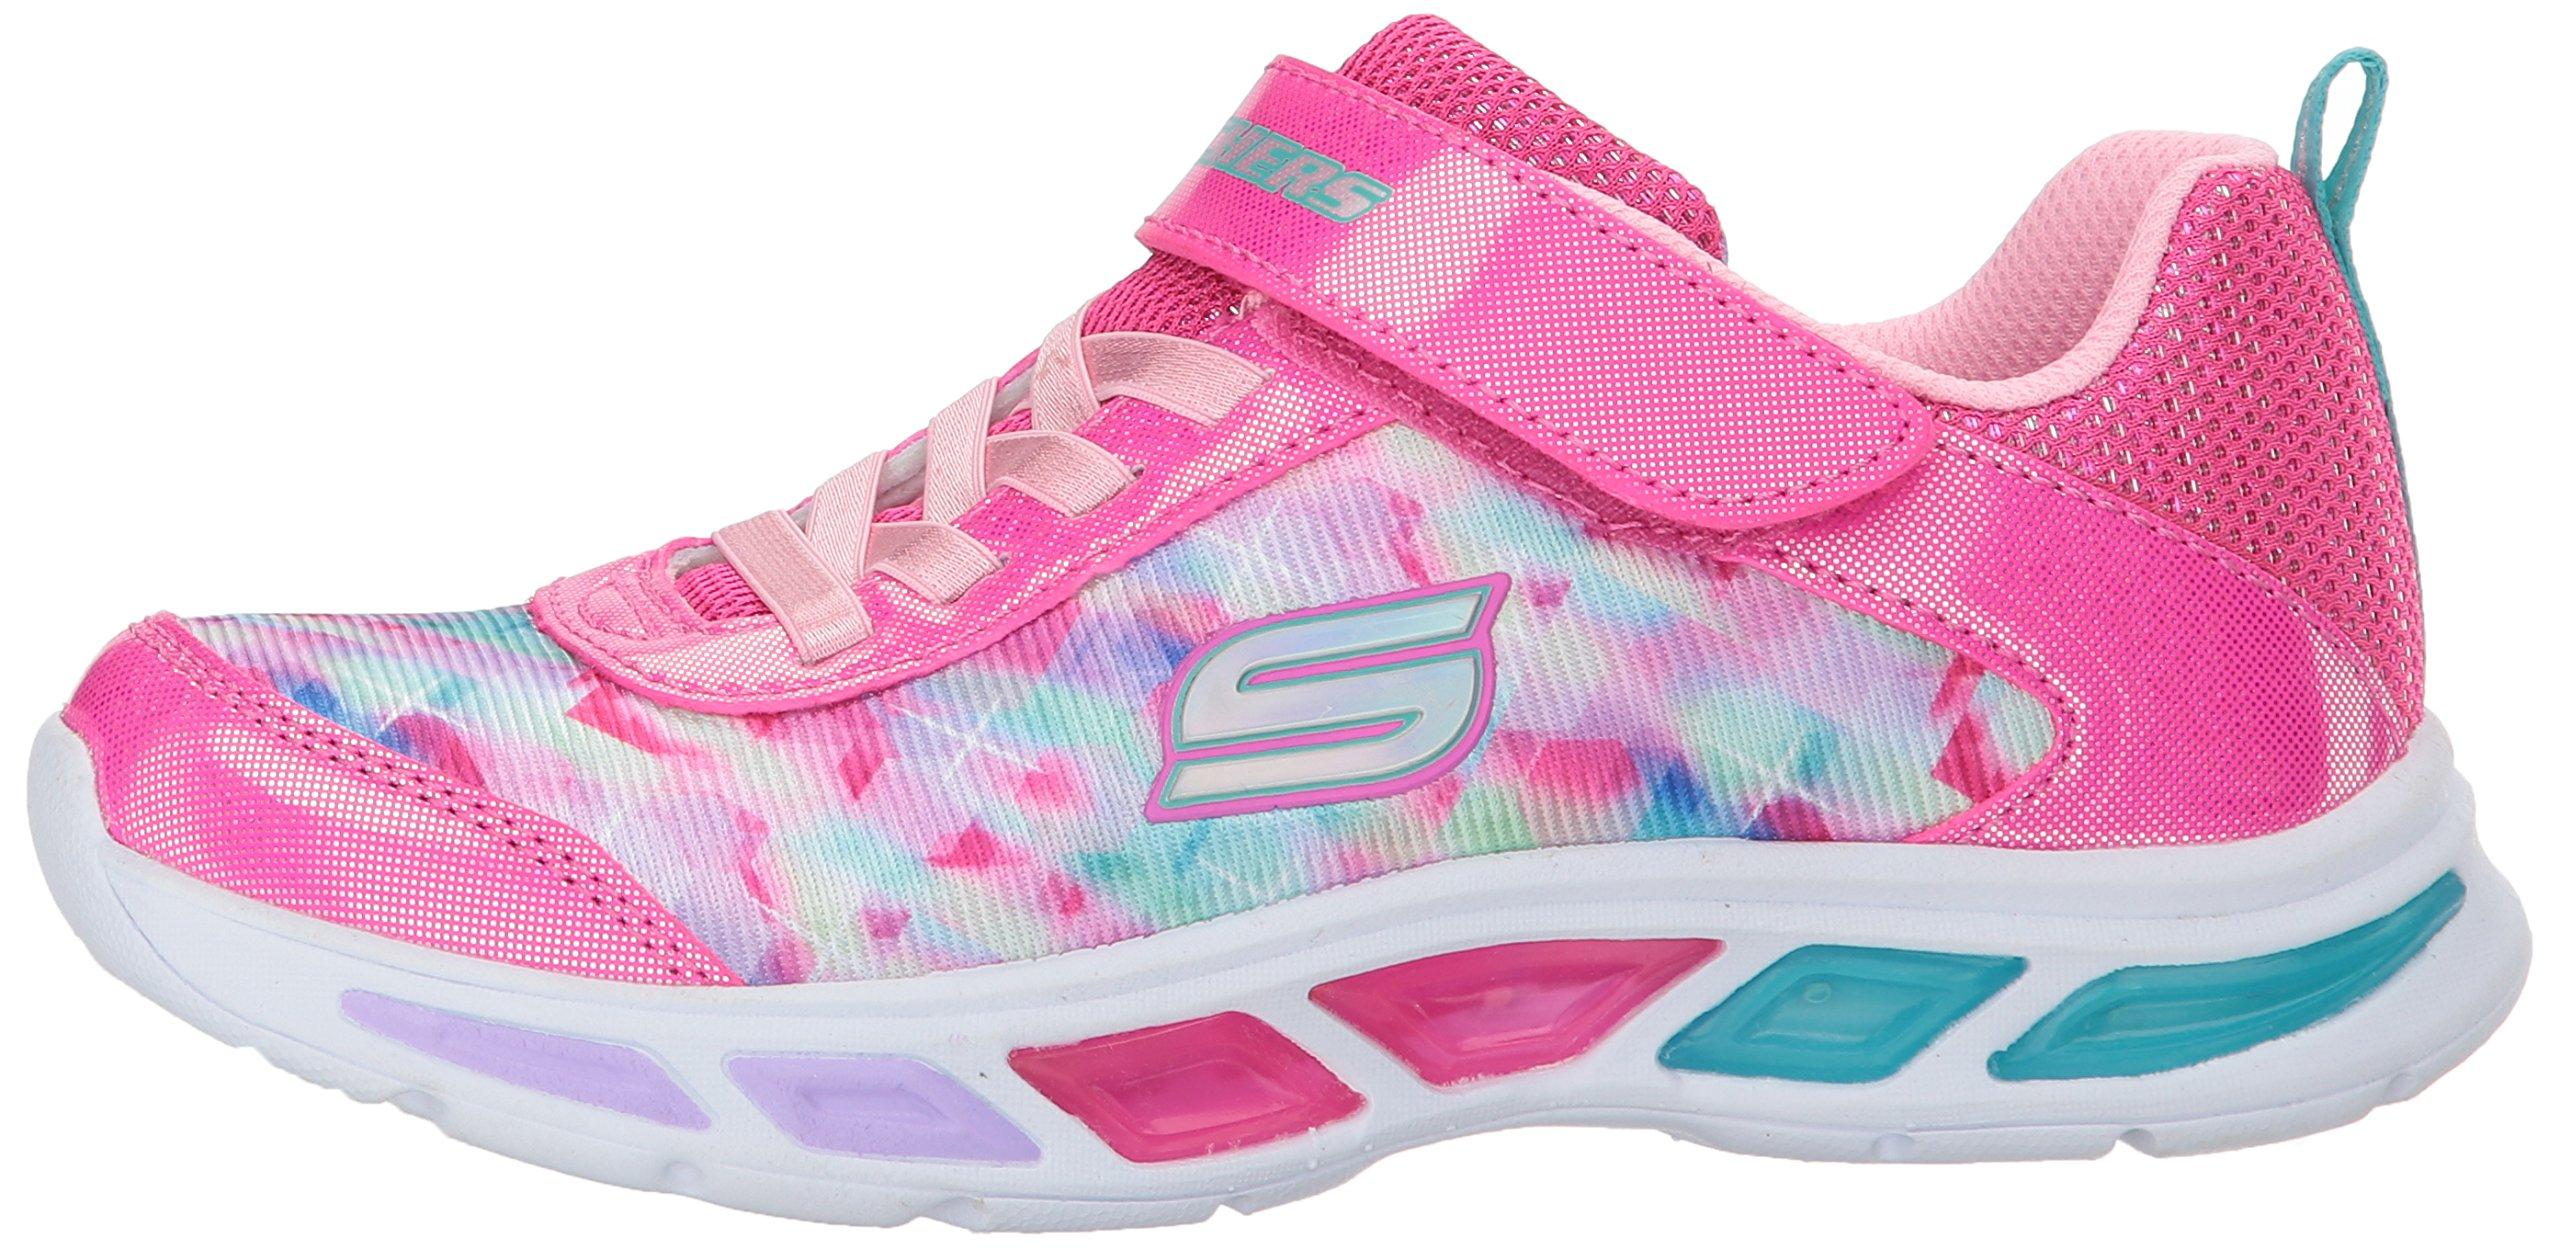 Skechers Kids Girls' Litebeams-Dance N'Glow Sneaker,neon Pink/Multi,1 Medium US Little Kid by Skechers (Image #5)